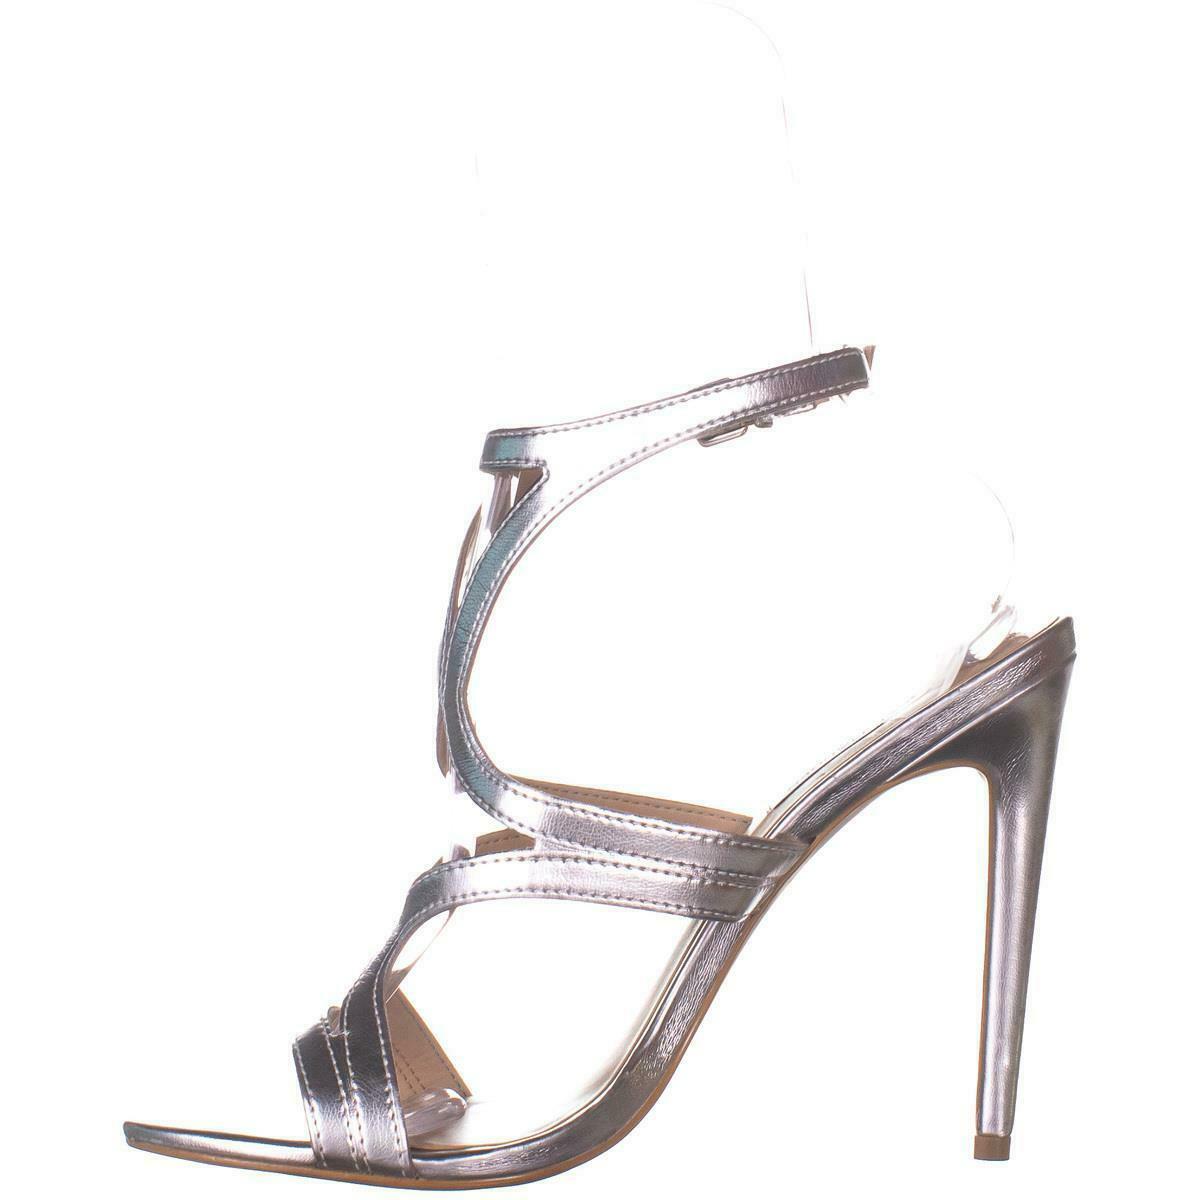 Steve Madden Sidney Ankle Strap Heeled Sandals 772, Silver, 10 US image 4